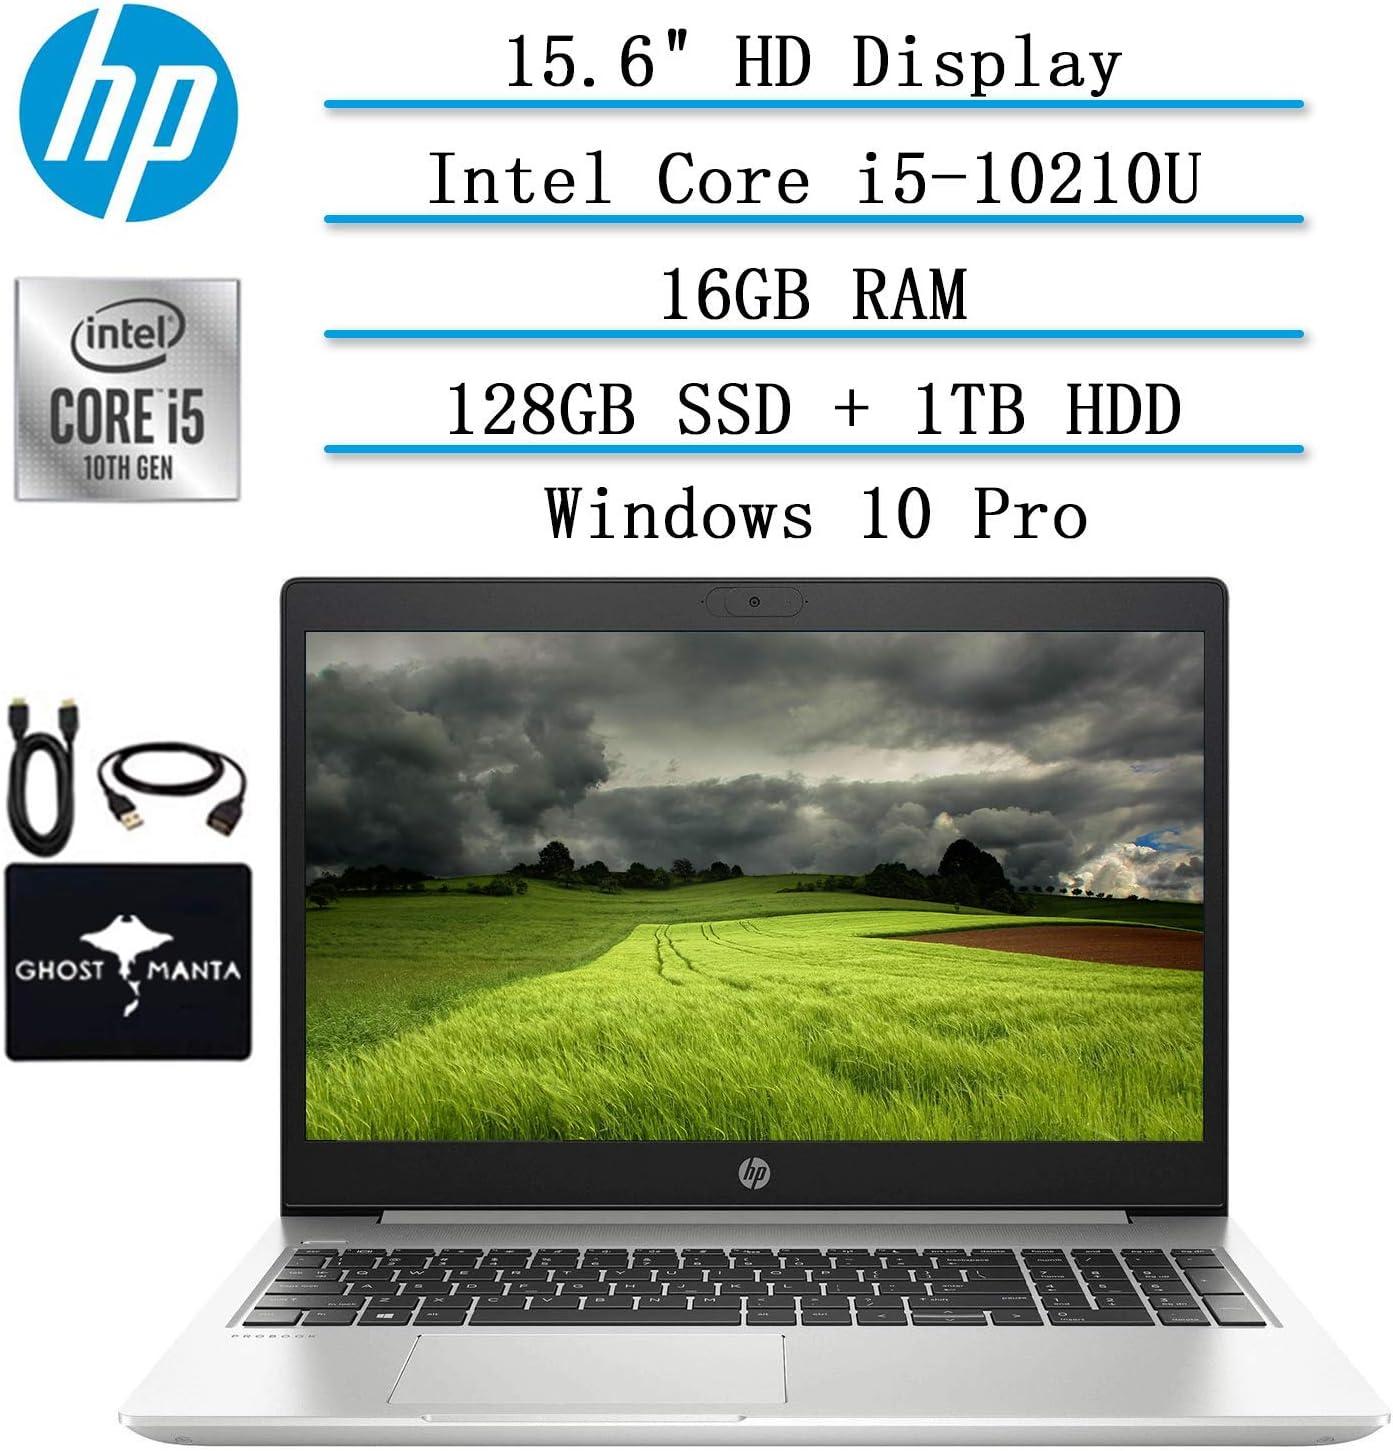 """2020 Newest HP ProBook 15.6"""" HD Laptop for business and student, 10th Gen Intel Quad Core i5-10210U (Beat i7-8665U), 16GB RAM, 128GB SSD + 1TB HDD, Backlit-KB, HDMI, Wifi, Win10 Pro, w/ GM Accessories"""